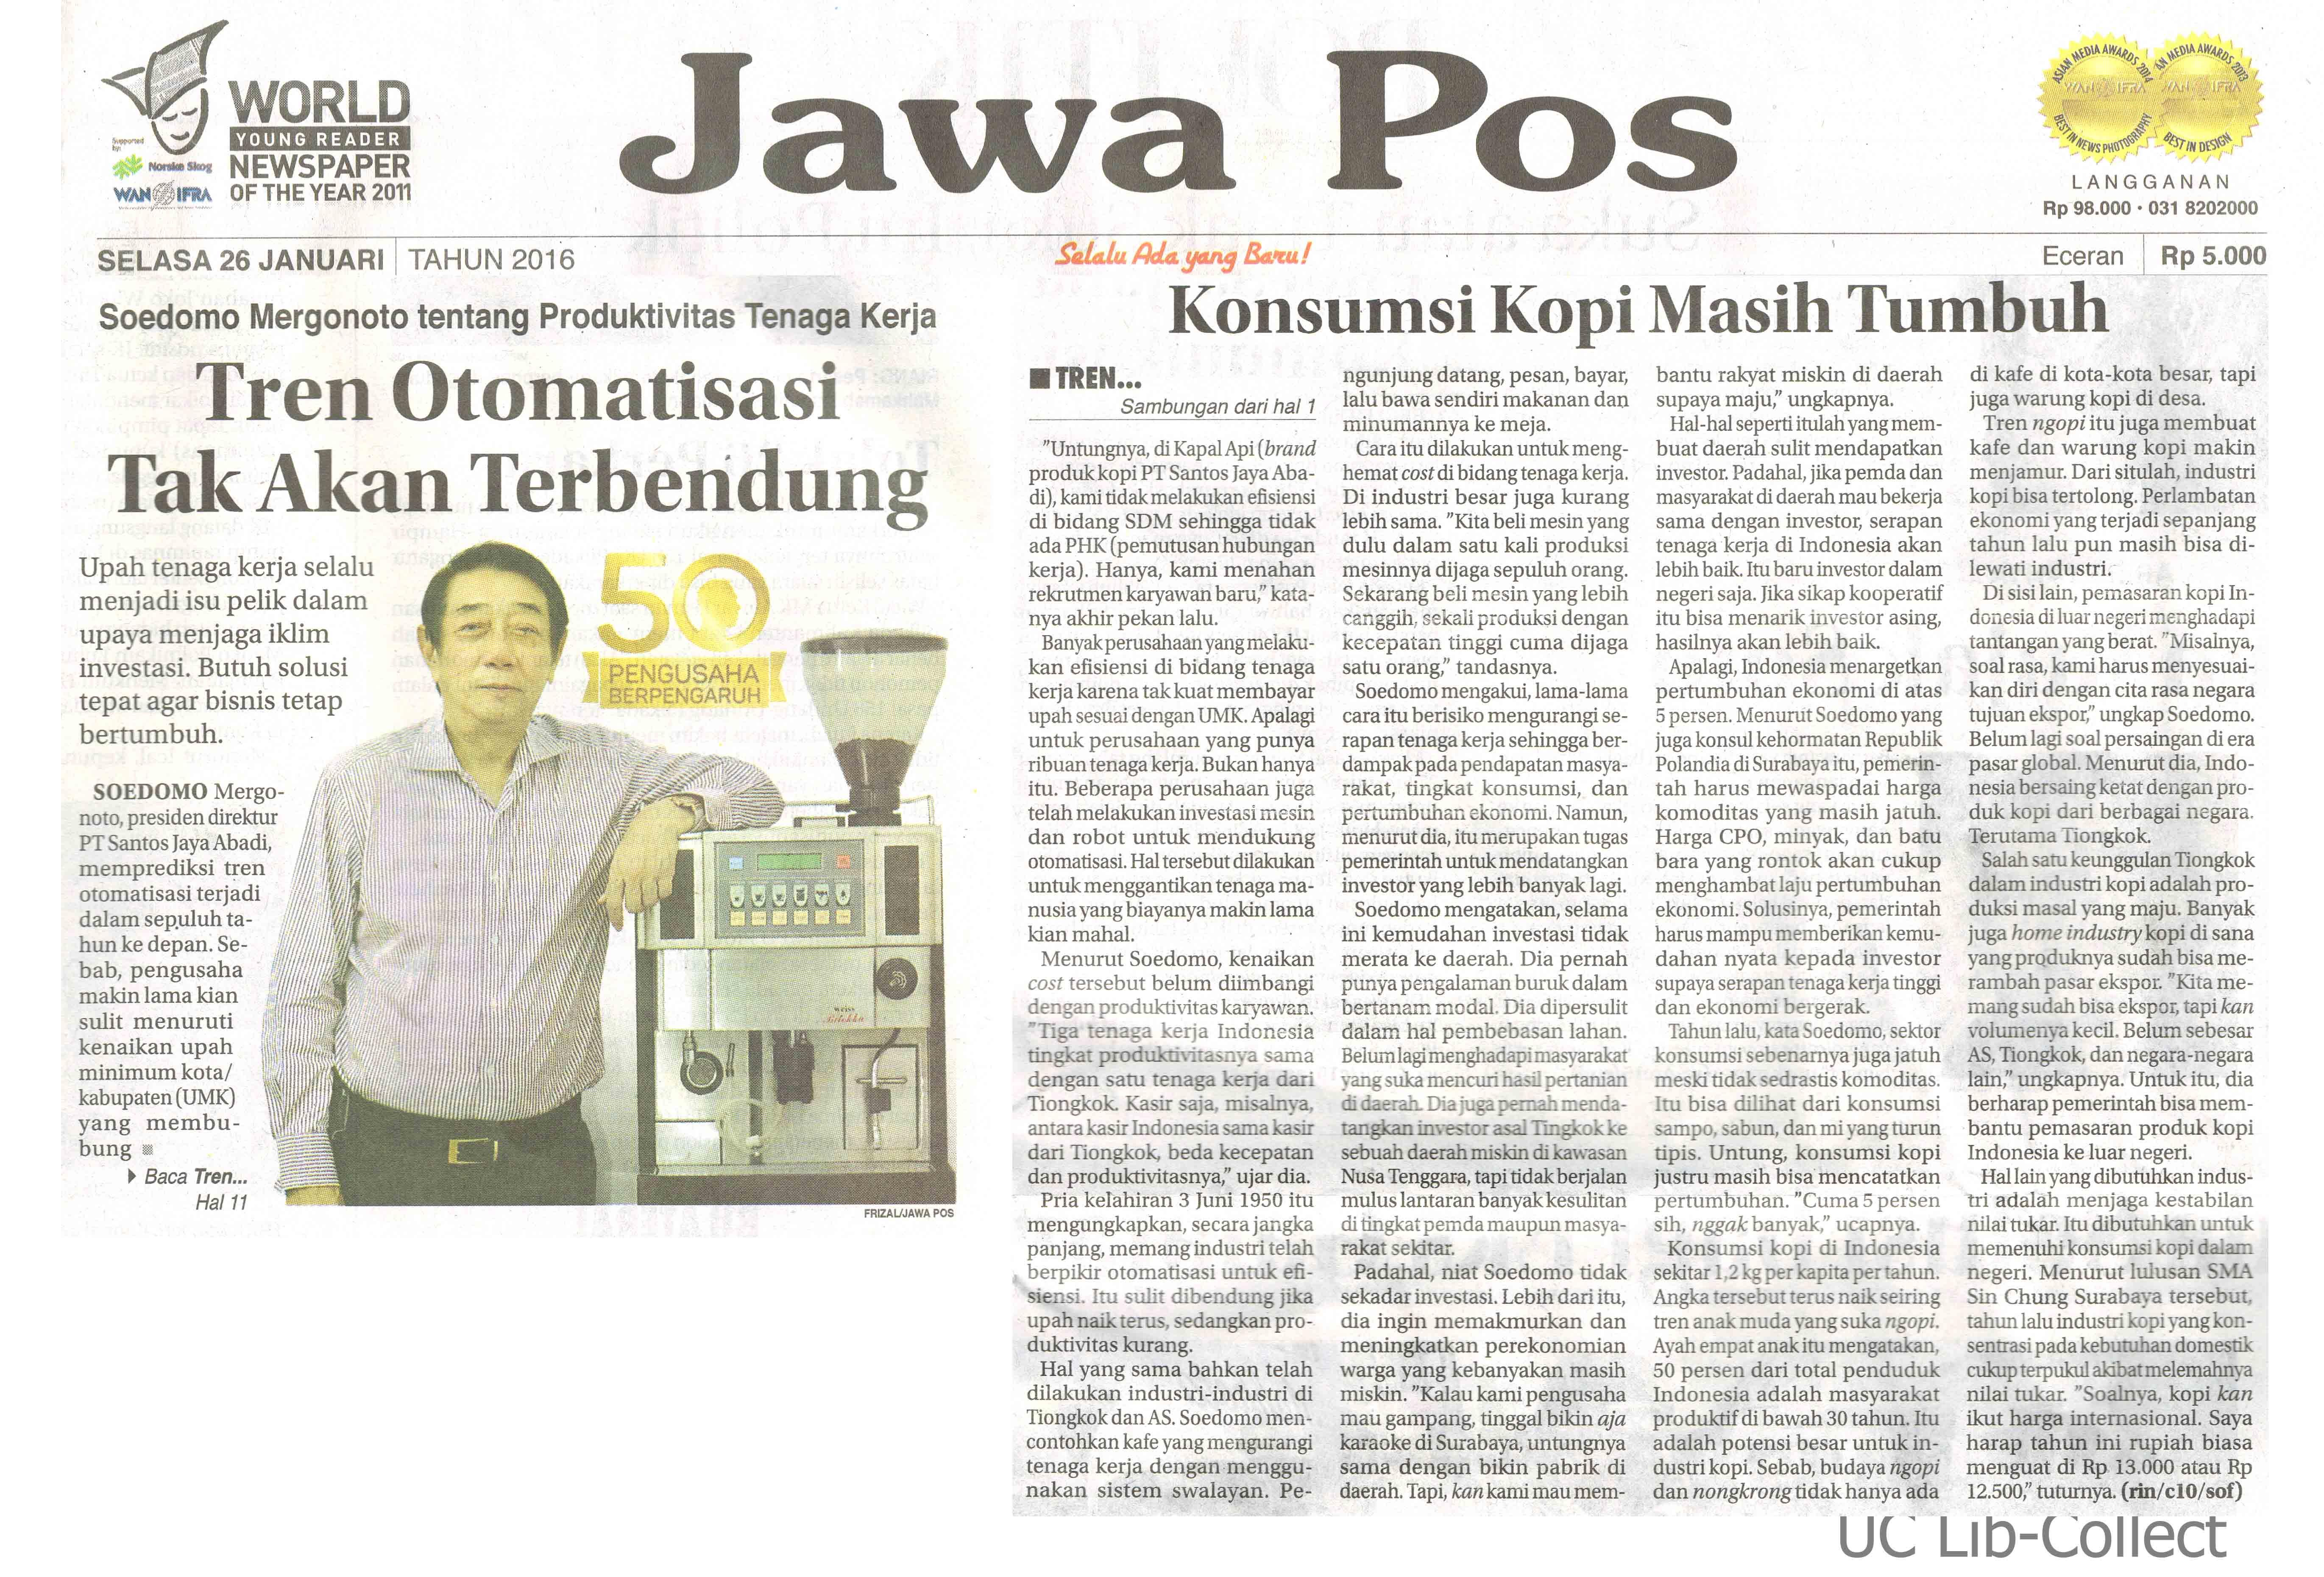 26 Januari 2016. Soedomo Mergonoto tentang Produktivitas Tenaga Kerja_Tren Otomatisasi Tak Akan Terbendung. Jawa Pos.26 Januari 2016. Hal.1,11